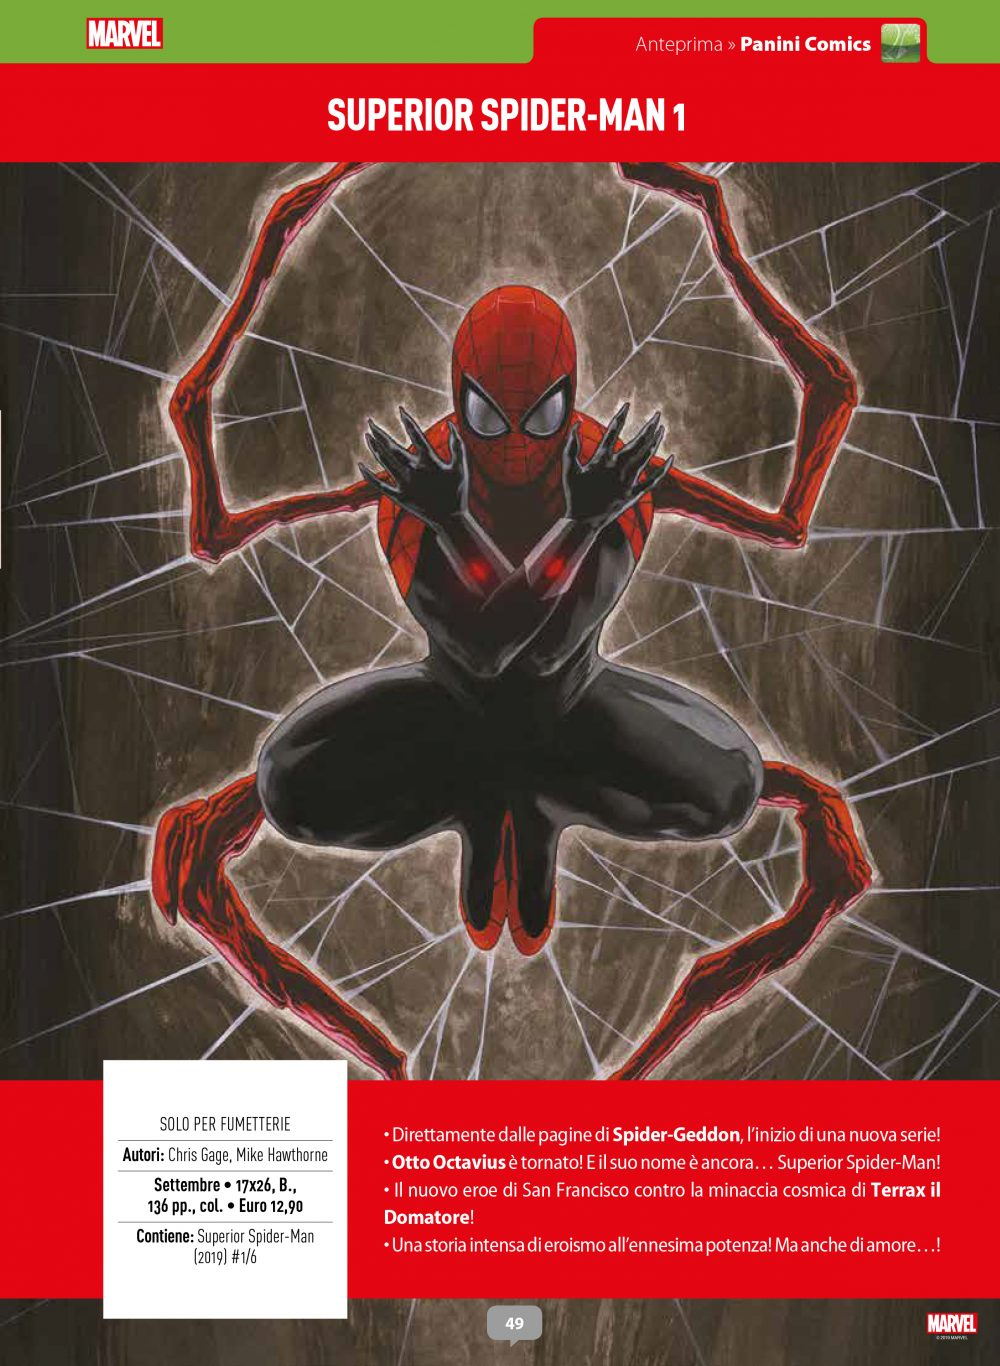 Superior Spider-Man su Anteprima